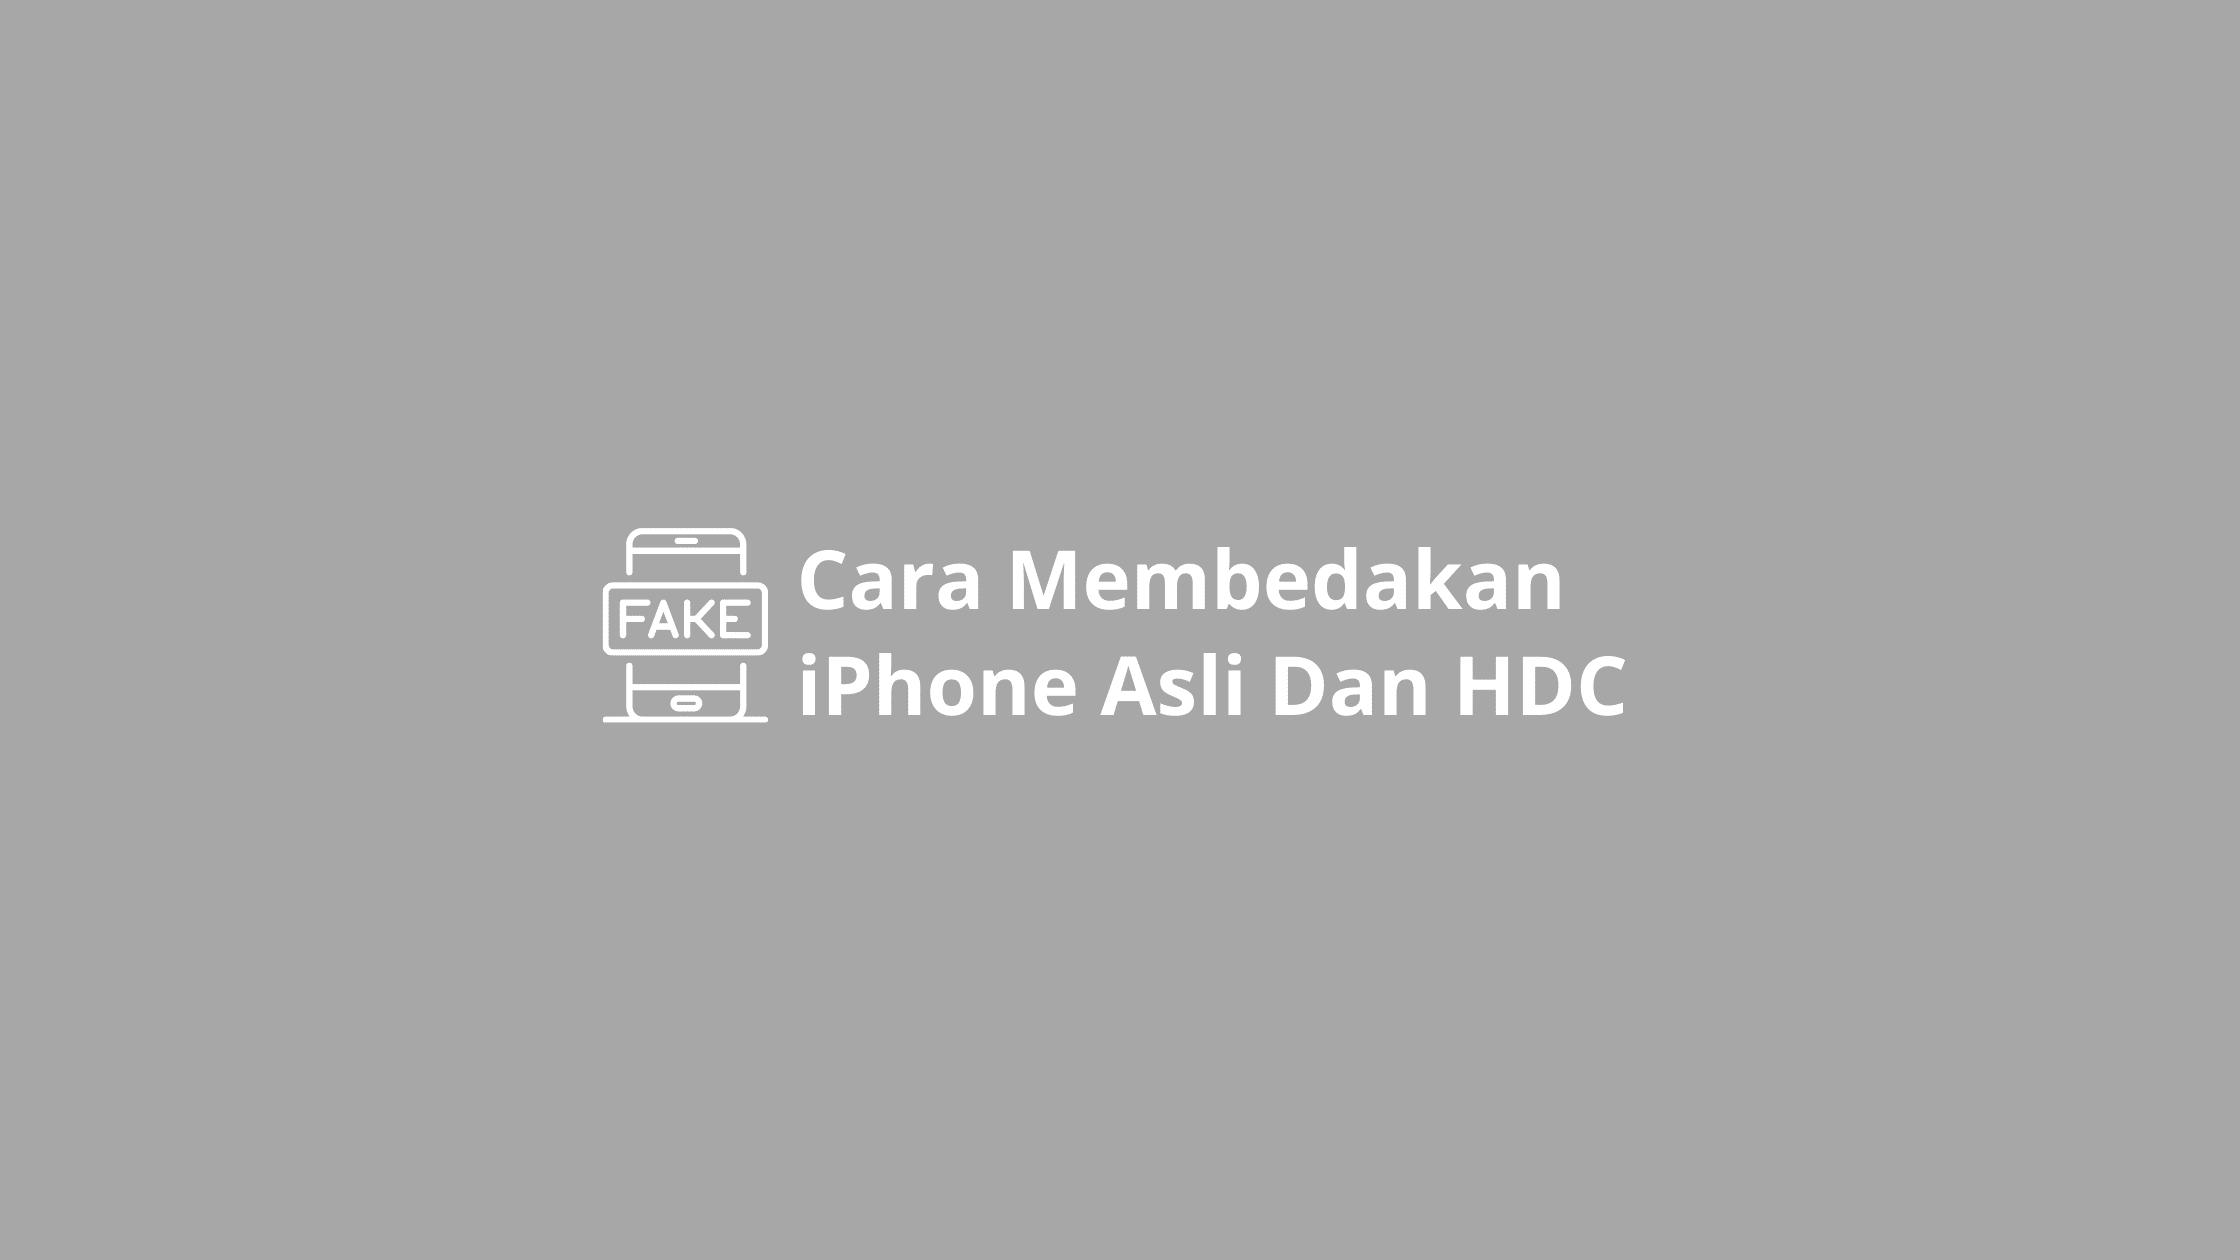 cara membedakan iphone asli dan hdc